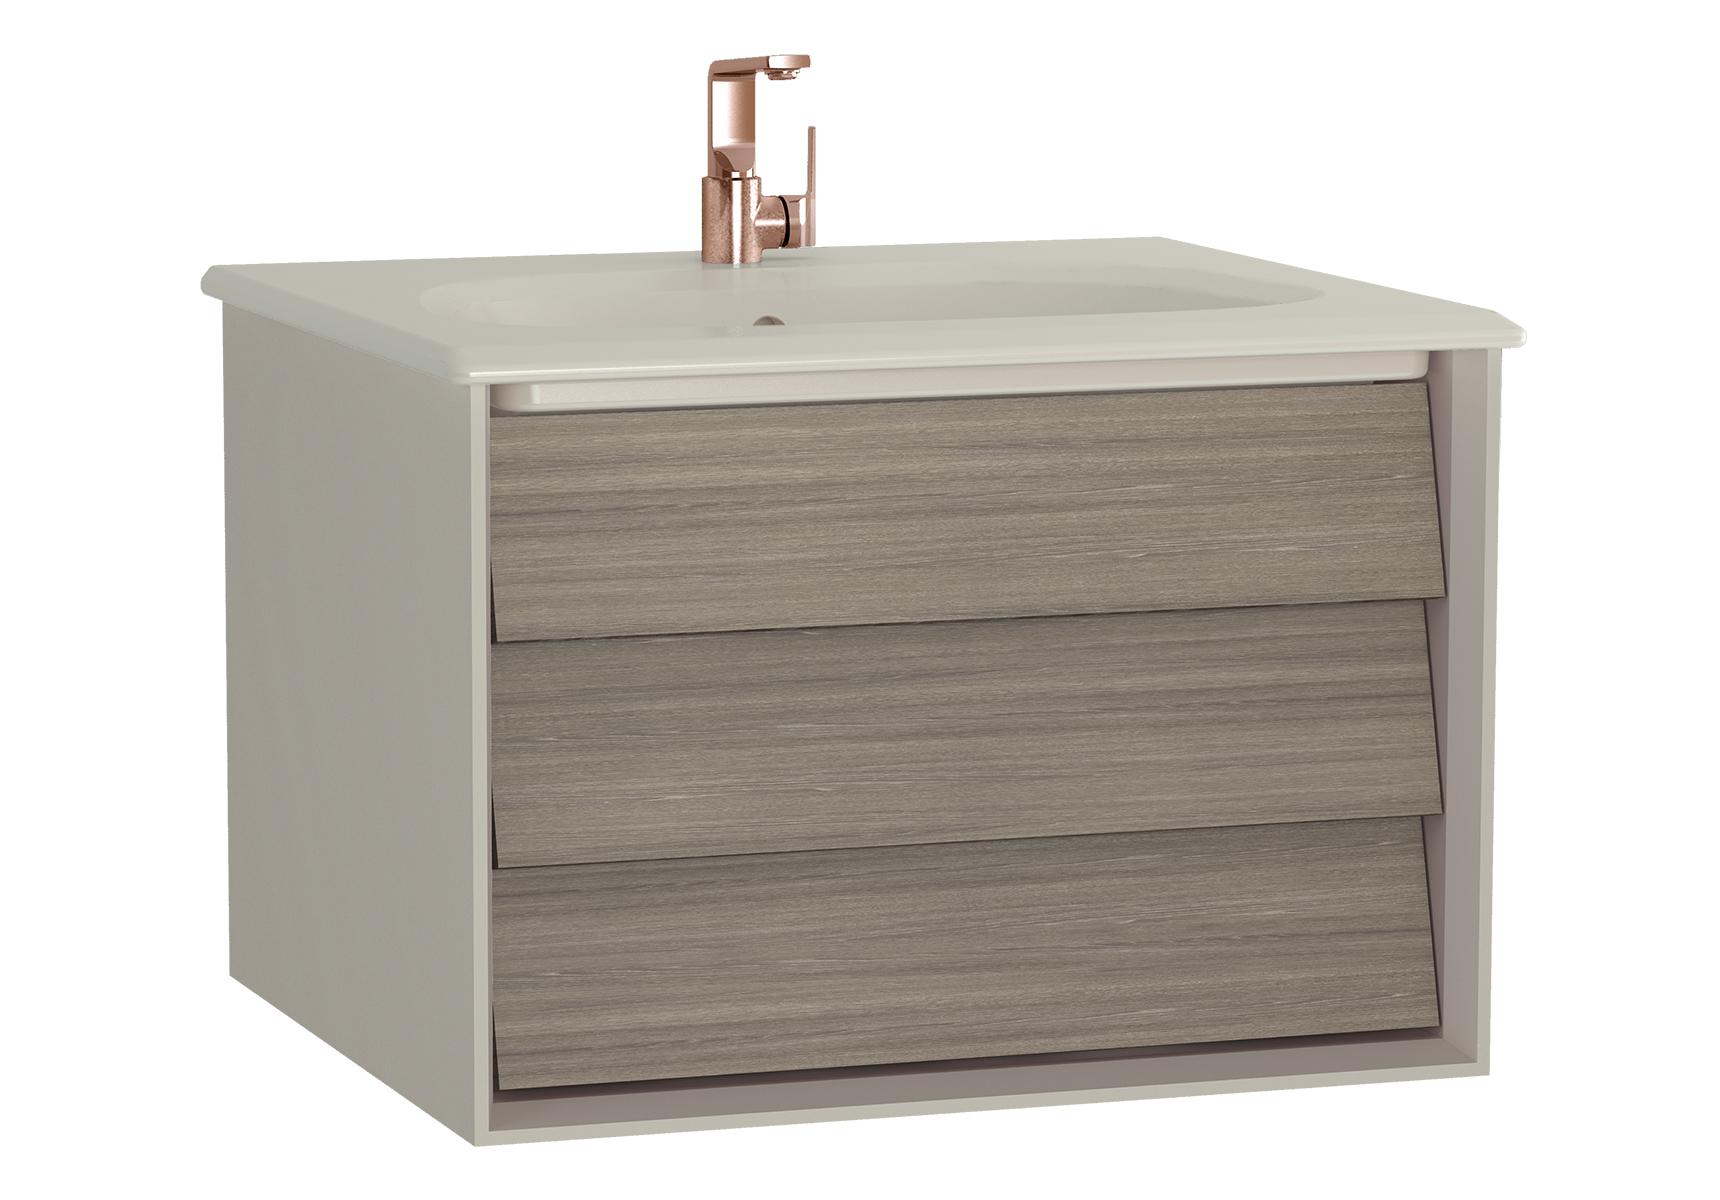 Frame meuble avec plan céramique, 62,5 cm, chêne moka, mat taupe, avec taupe plan céramique